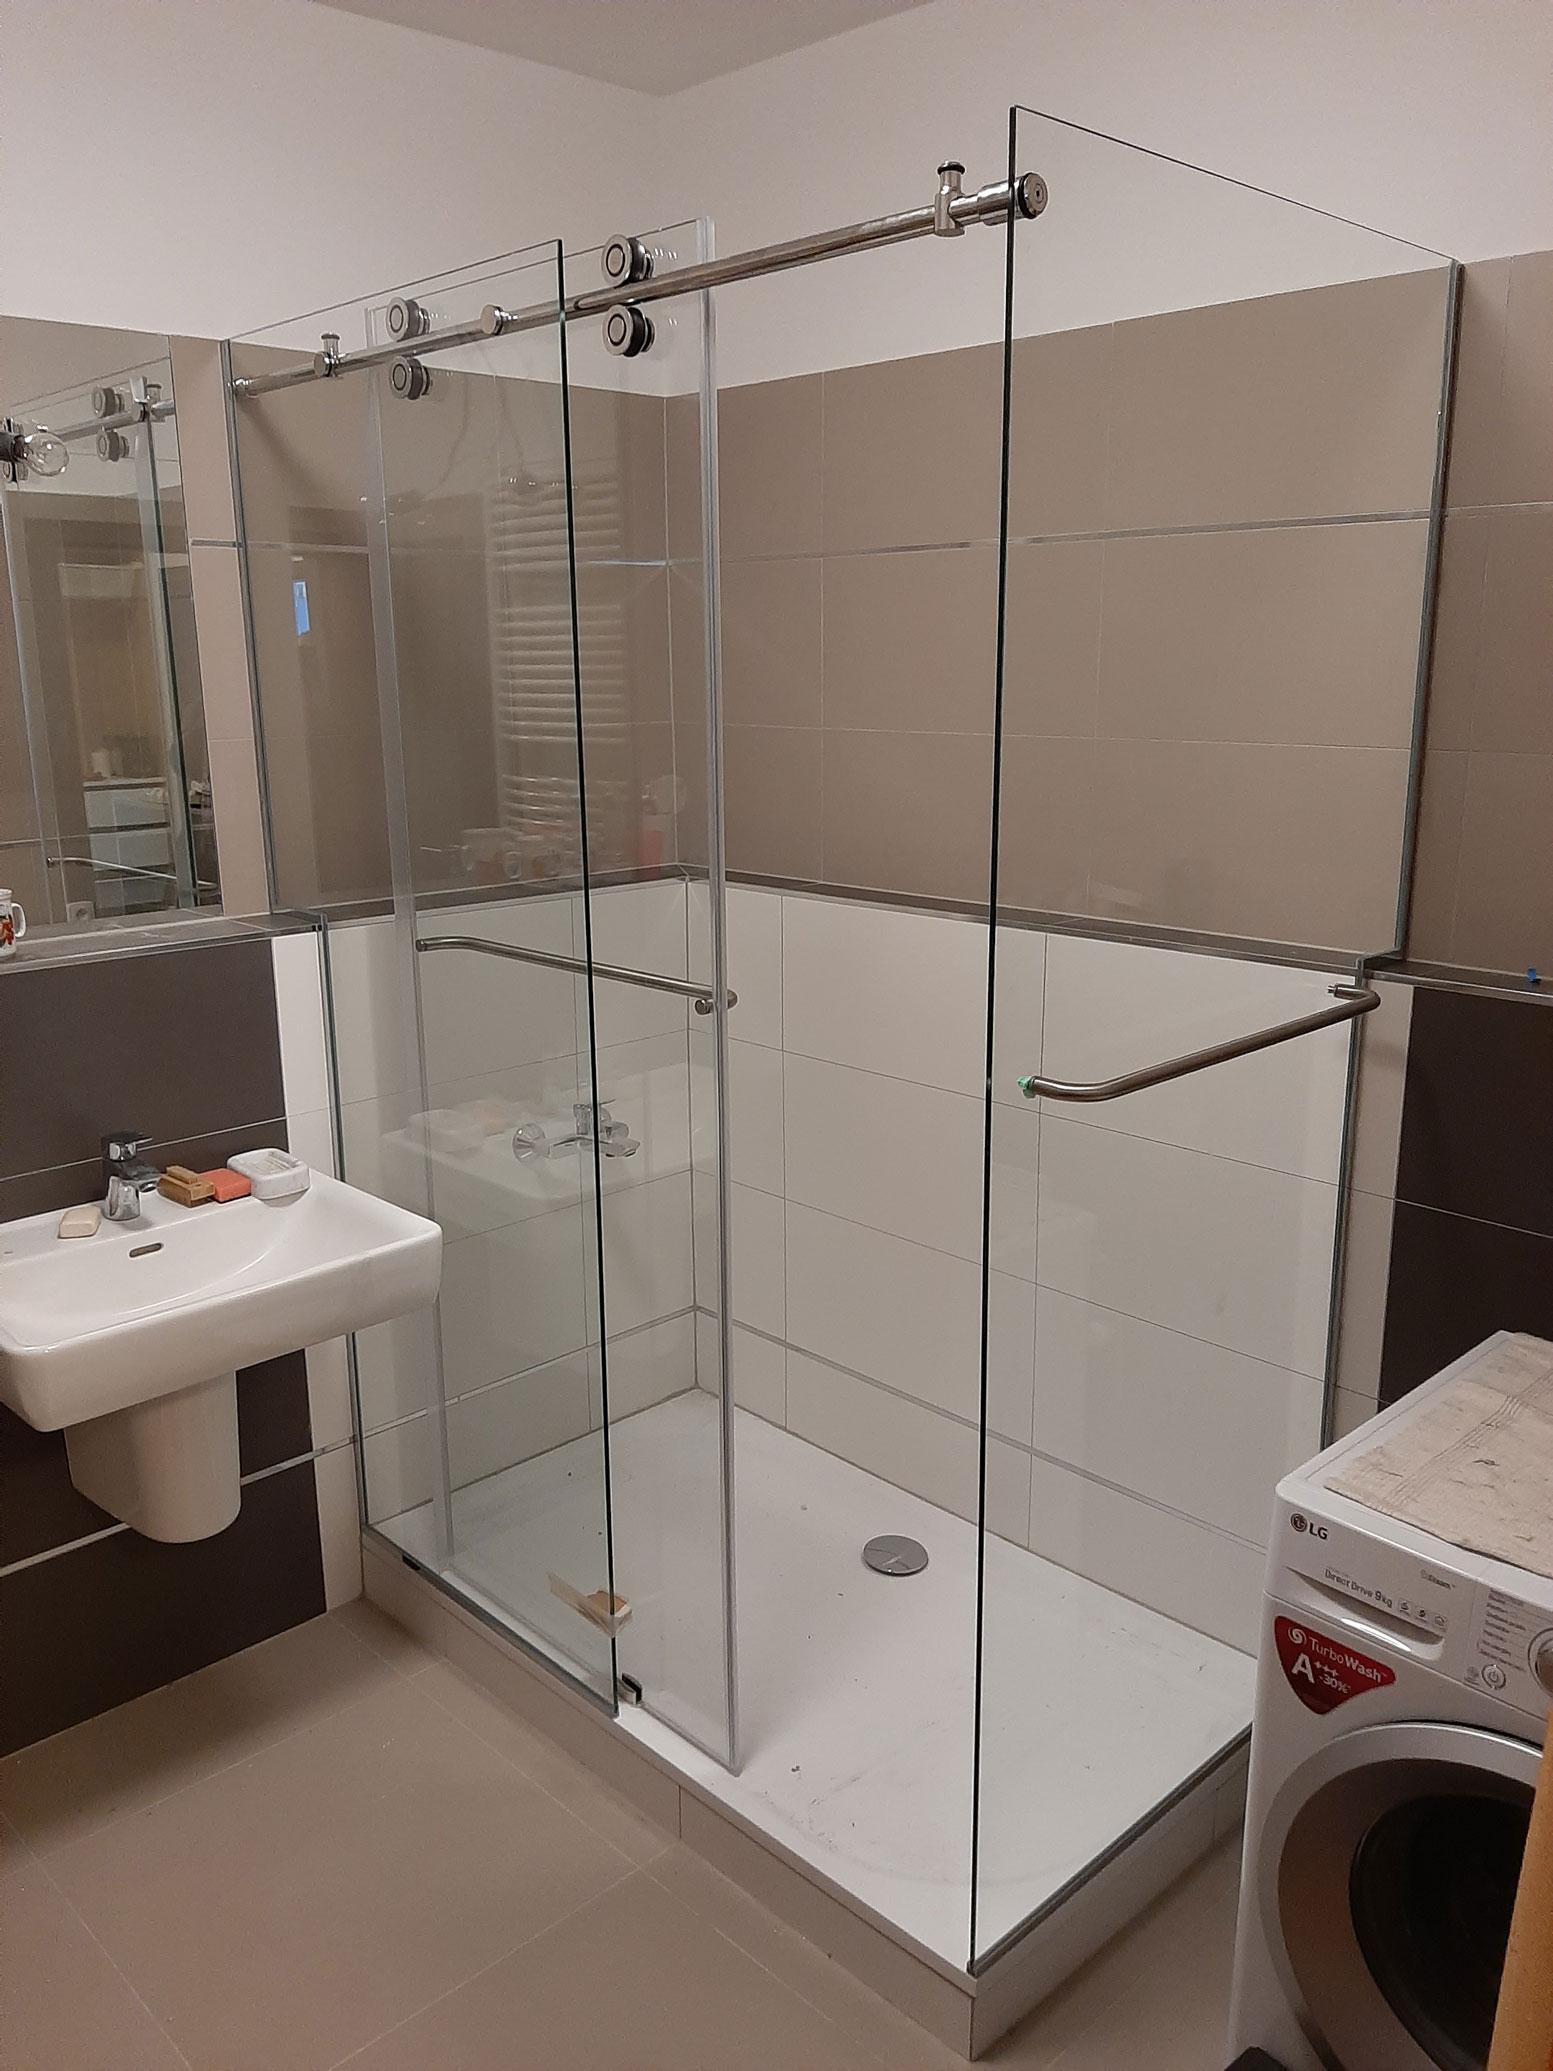 Sklenarstvi-Prerost-sprchove- kouty-a-sprchy (3)